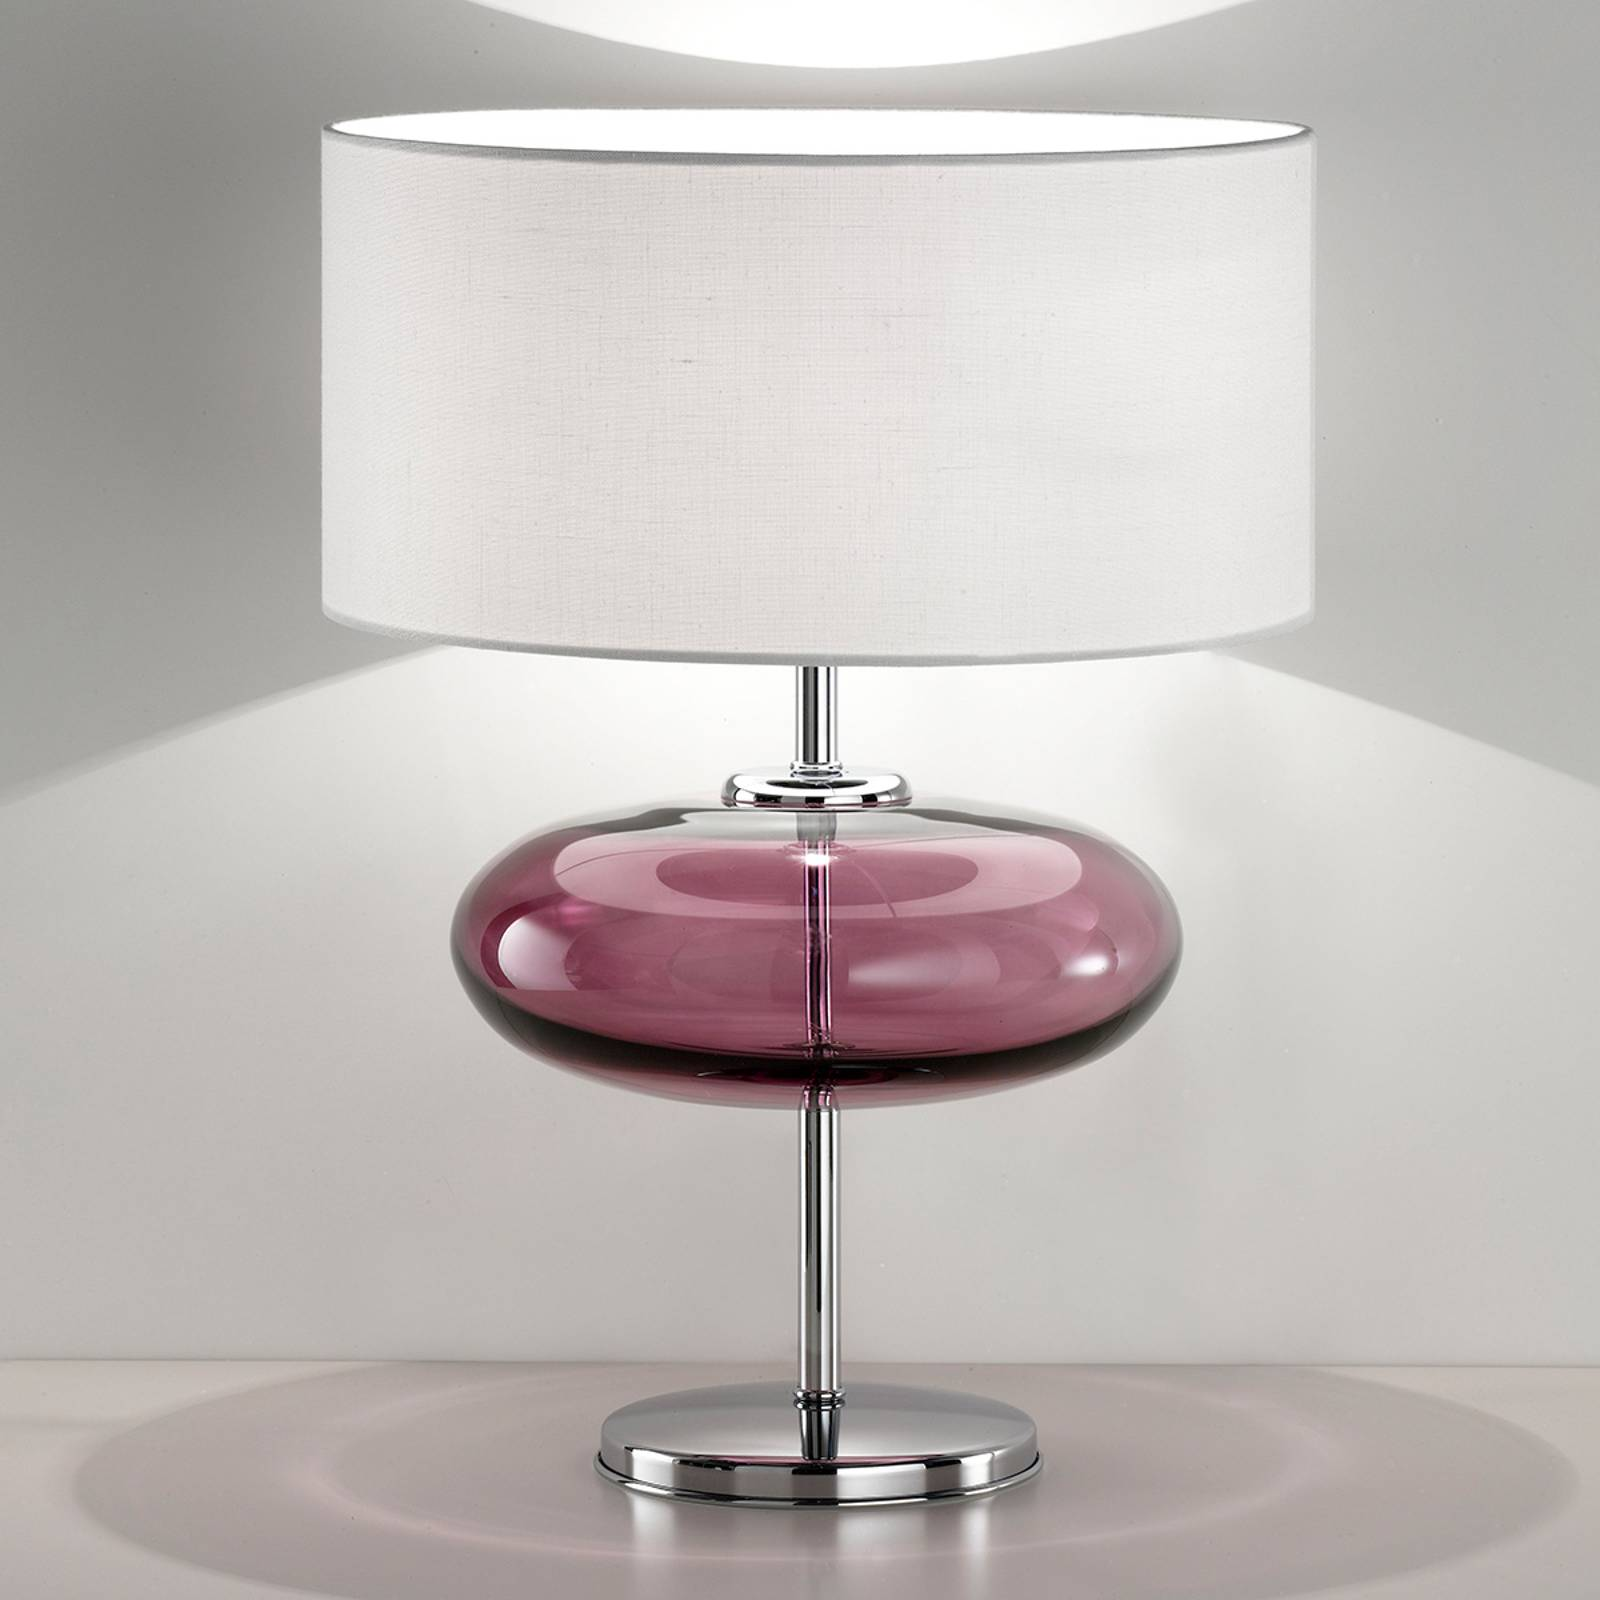 Tafellamp show Elisse 62 cm glaselement pink